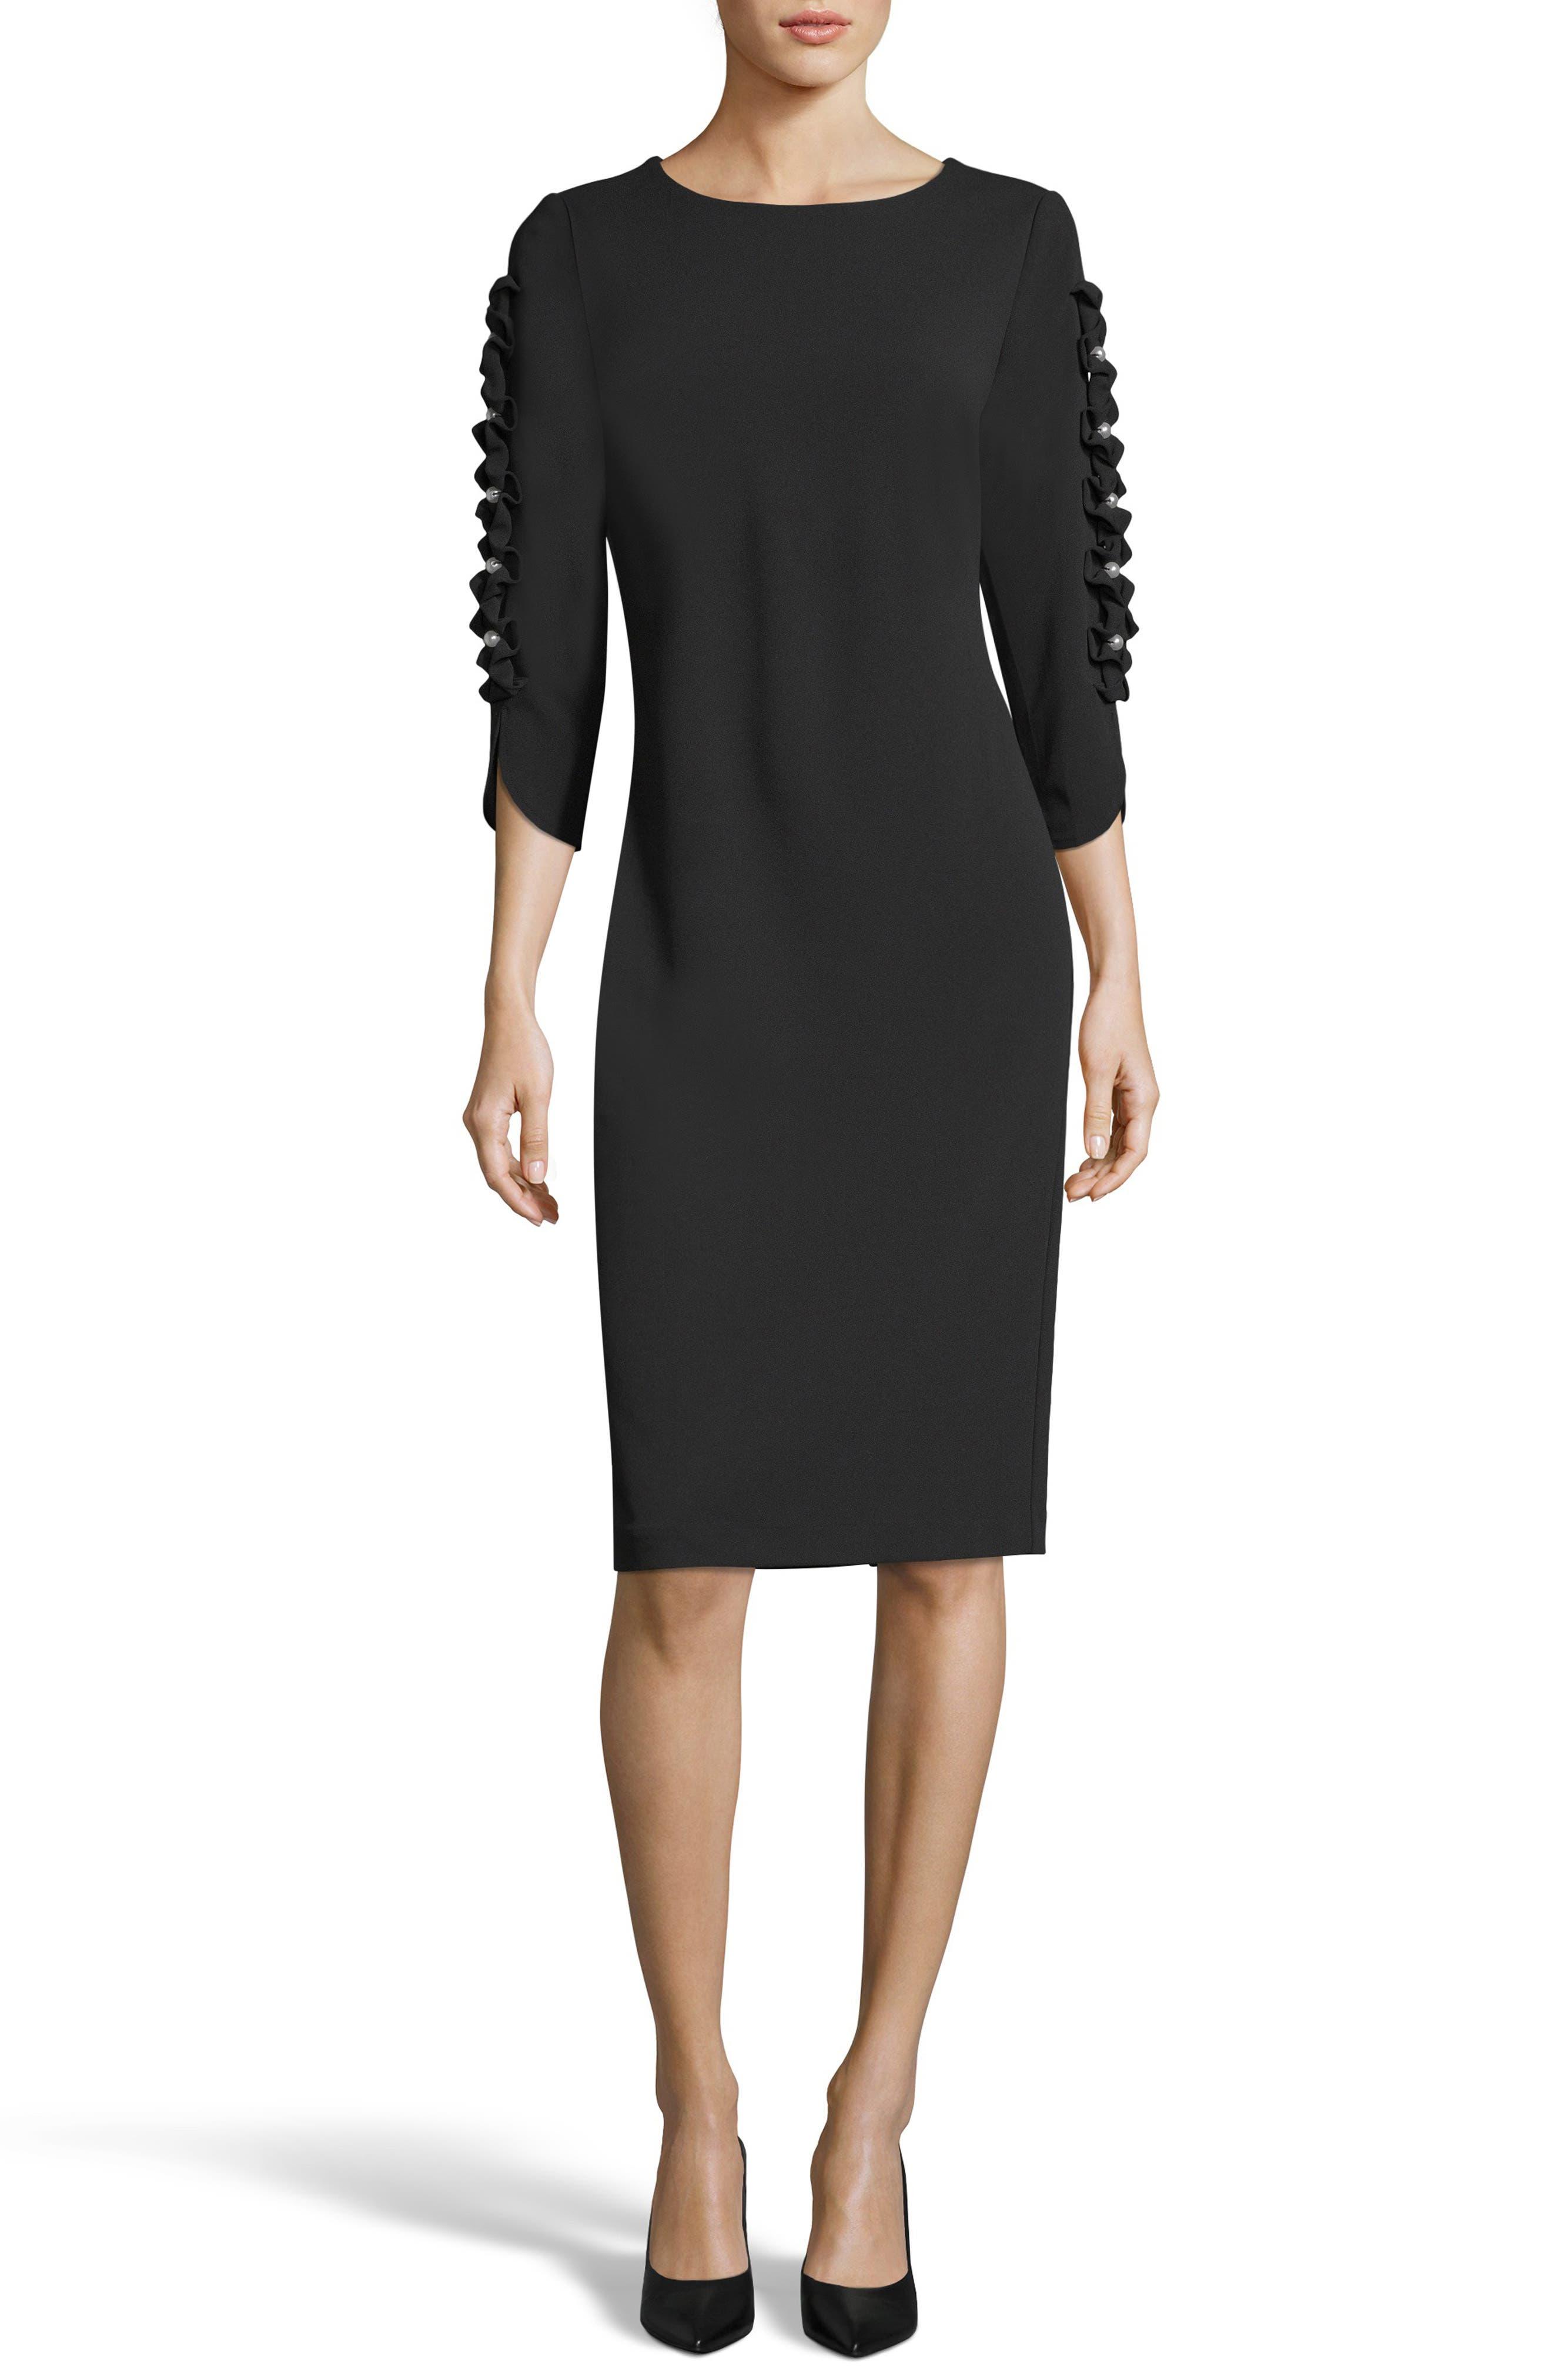 Ruffle Sleeve Sheath Dress by Eci